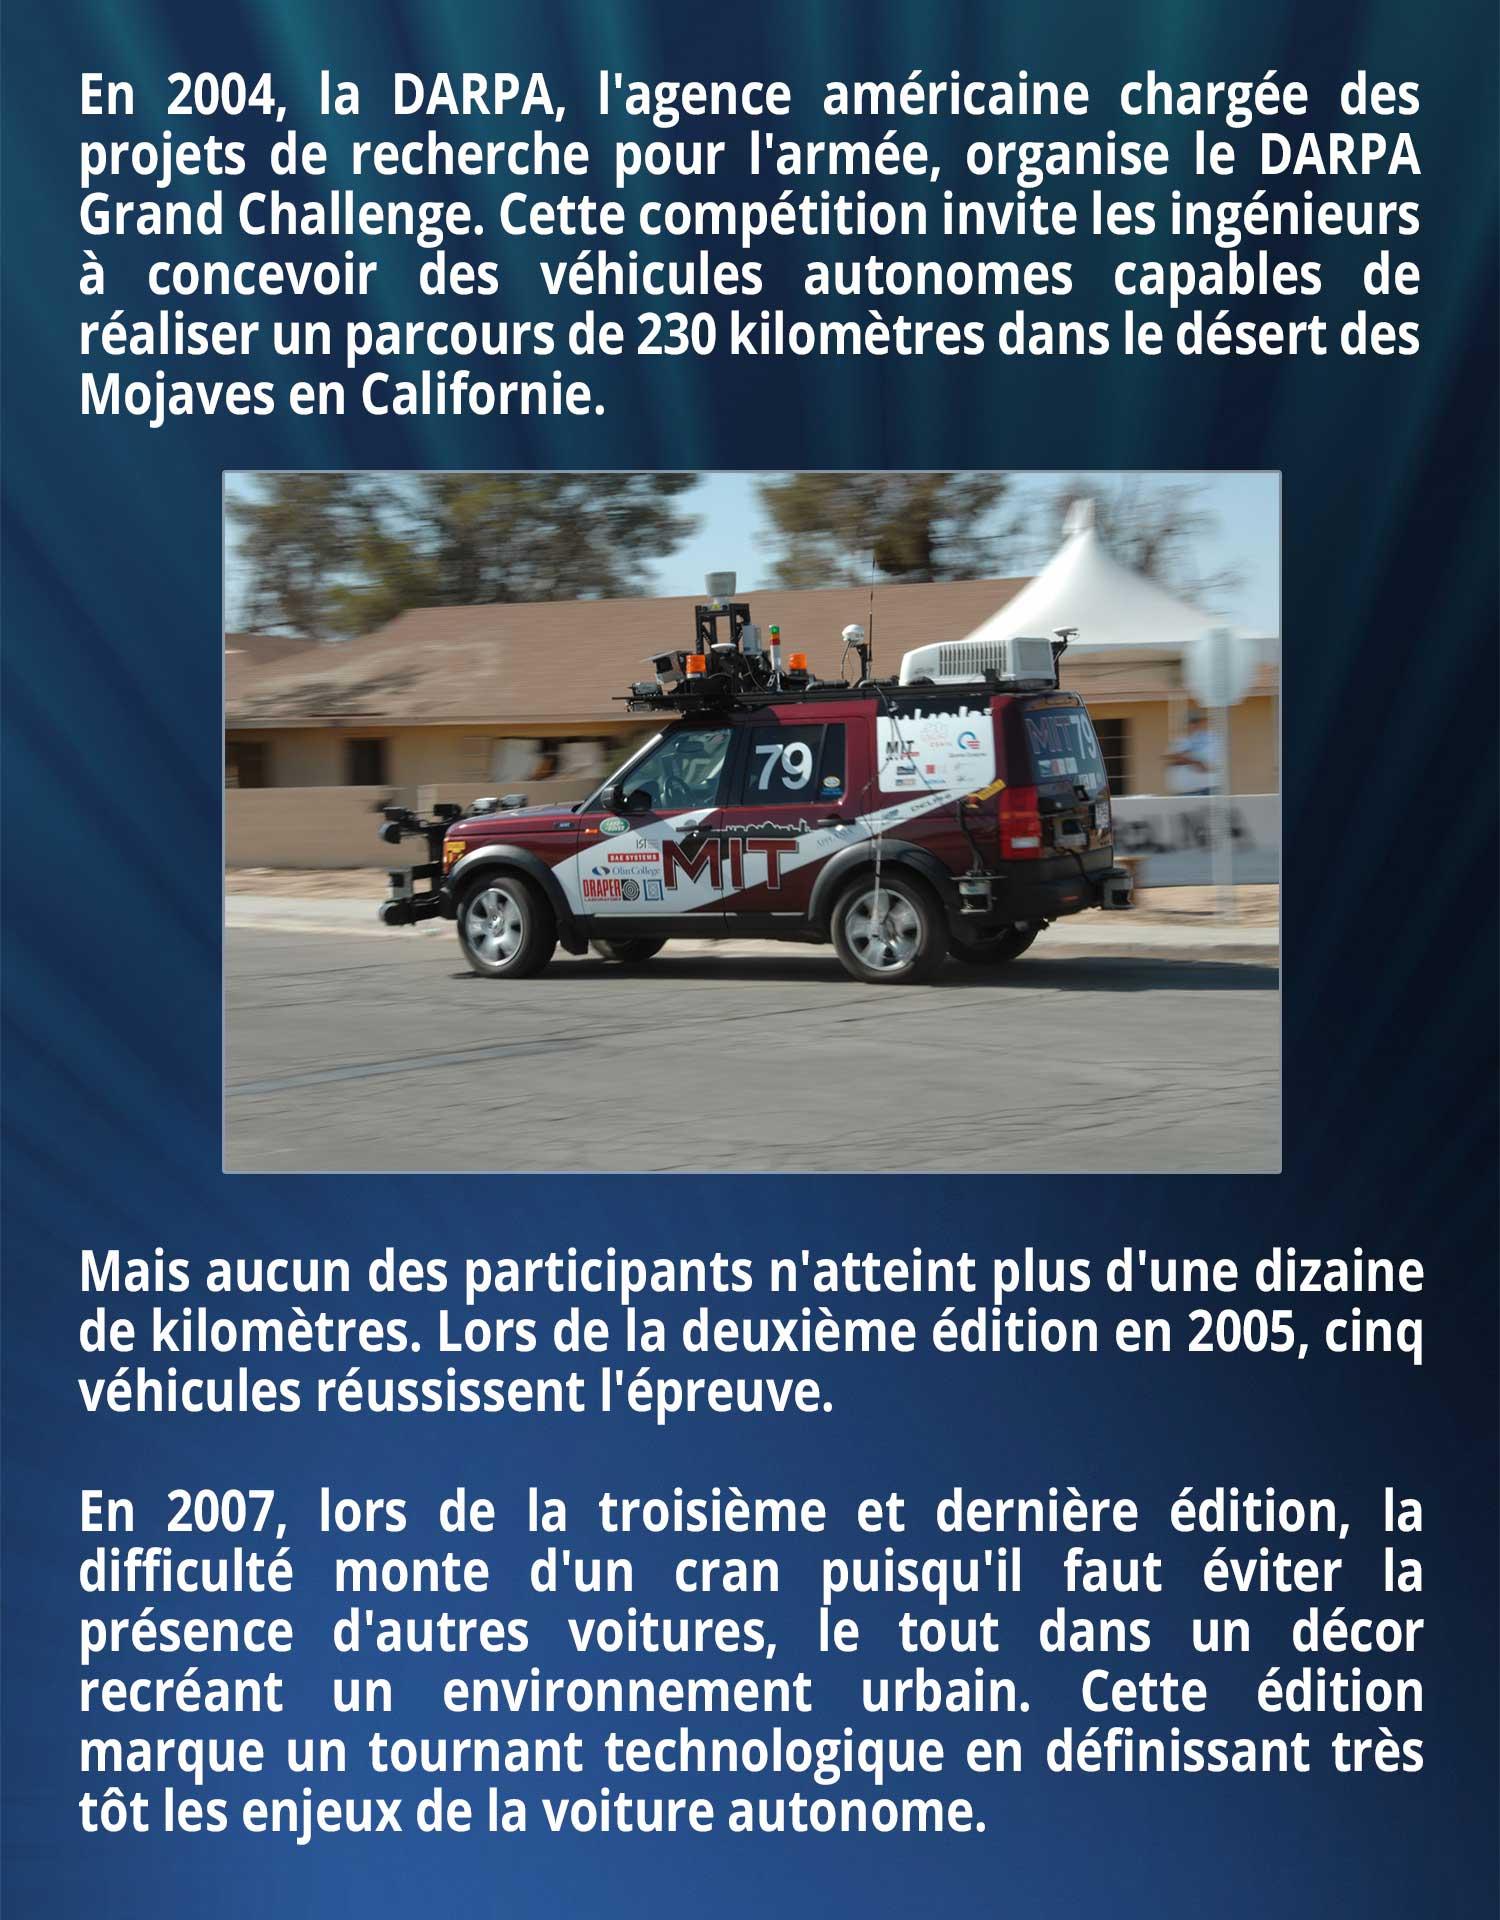 En 2004, la DARPA, l'agence américaine chargée des projets de recherche pour l'armée, organise le DARPA Grand Challenge. Cette compétition invite les ingénieurs à concevoir des véhicules autonomes capables de réaliser un parcours de 230 kilomètres dans le désert des Mojaves en Californie. Mais aucun des participants n'atteint plus d'une dizaine de kilomètres. Lors de la deuxième édition de l'événement en 2005, cinq véhicules réussissent l'épreuve. En 2007, lors de la troisième et dernière édition, la difficulté monte d'un cran puisqu'il faut éviter la présence d'autres voitures, le tout dans un décor recréant un environnement urbain. Cette édition marque un tournant technologique en définissant très tôt les enjeux de la voiture autonome.